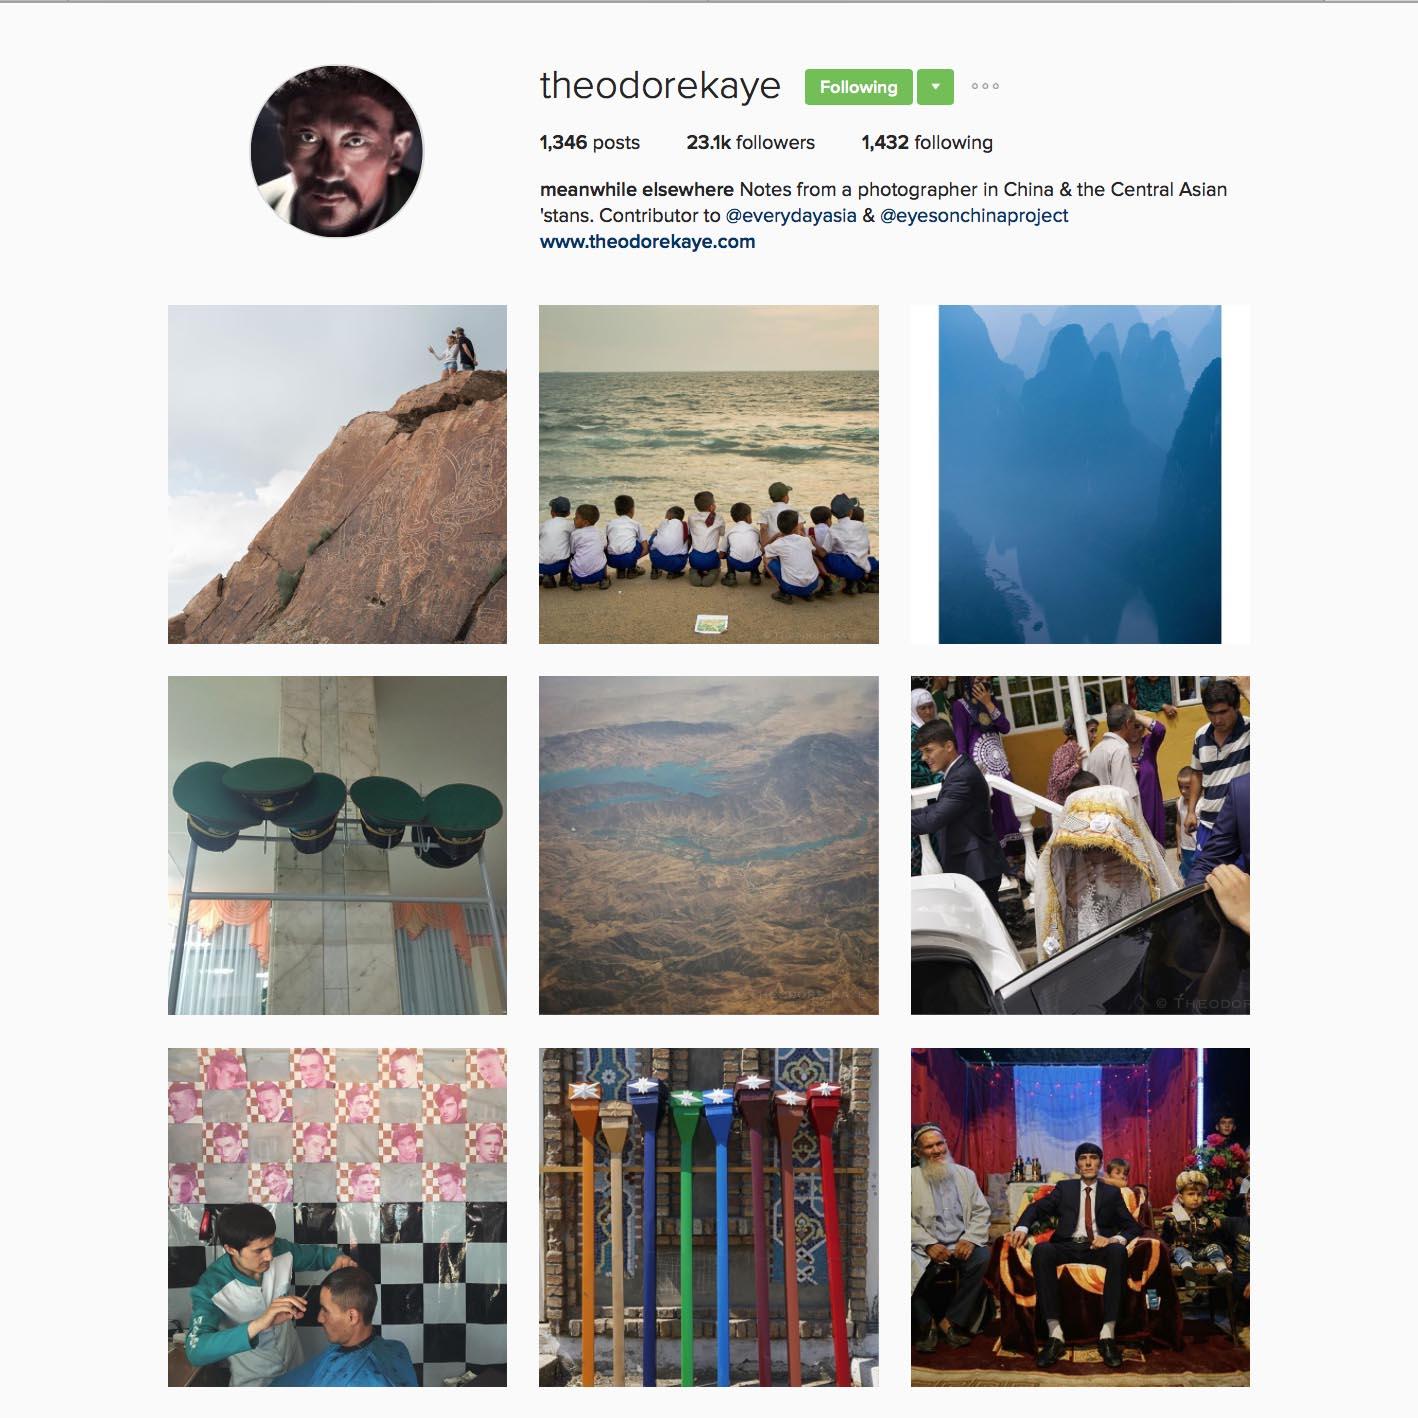 Theodore Kaye(@theodorekaye),在中國與中亞地區從事攝影工作,常拍攝關於社會、政治、時事等議題。